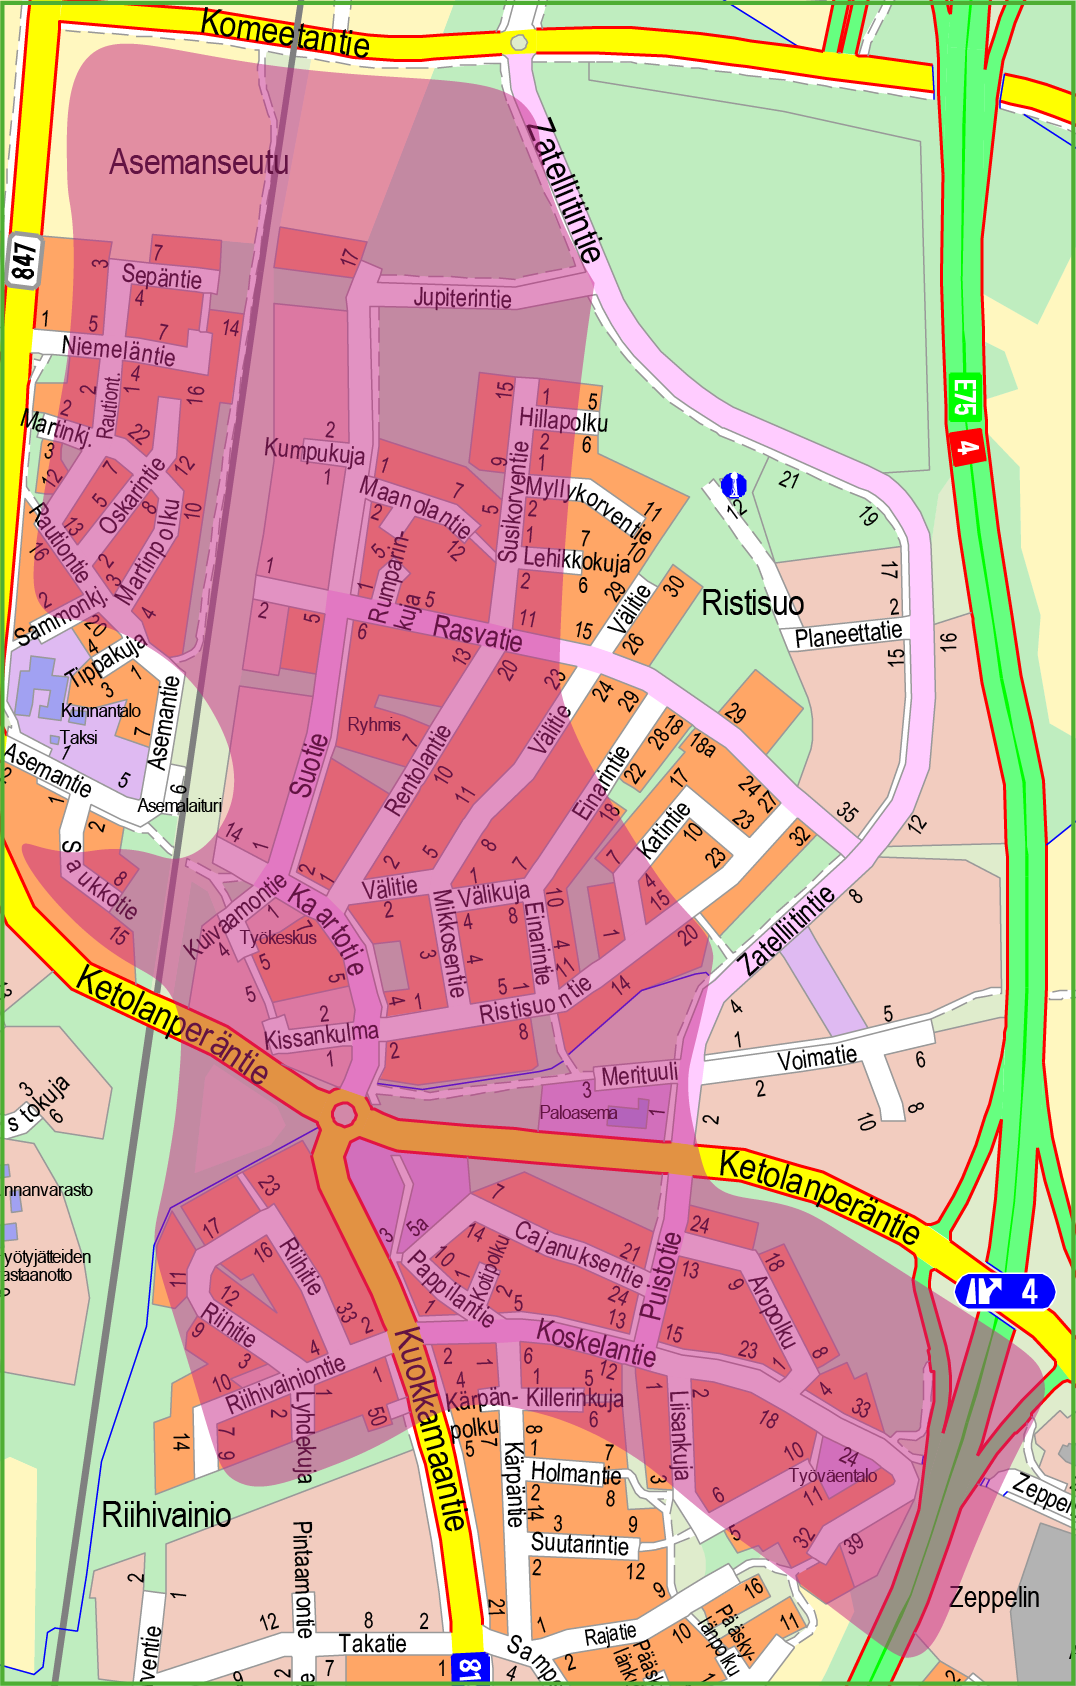 Kartta, jossa pinkillä väritetty Suuri osa Asemanseudusta ja Ristisuosta.